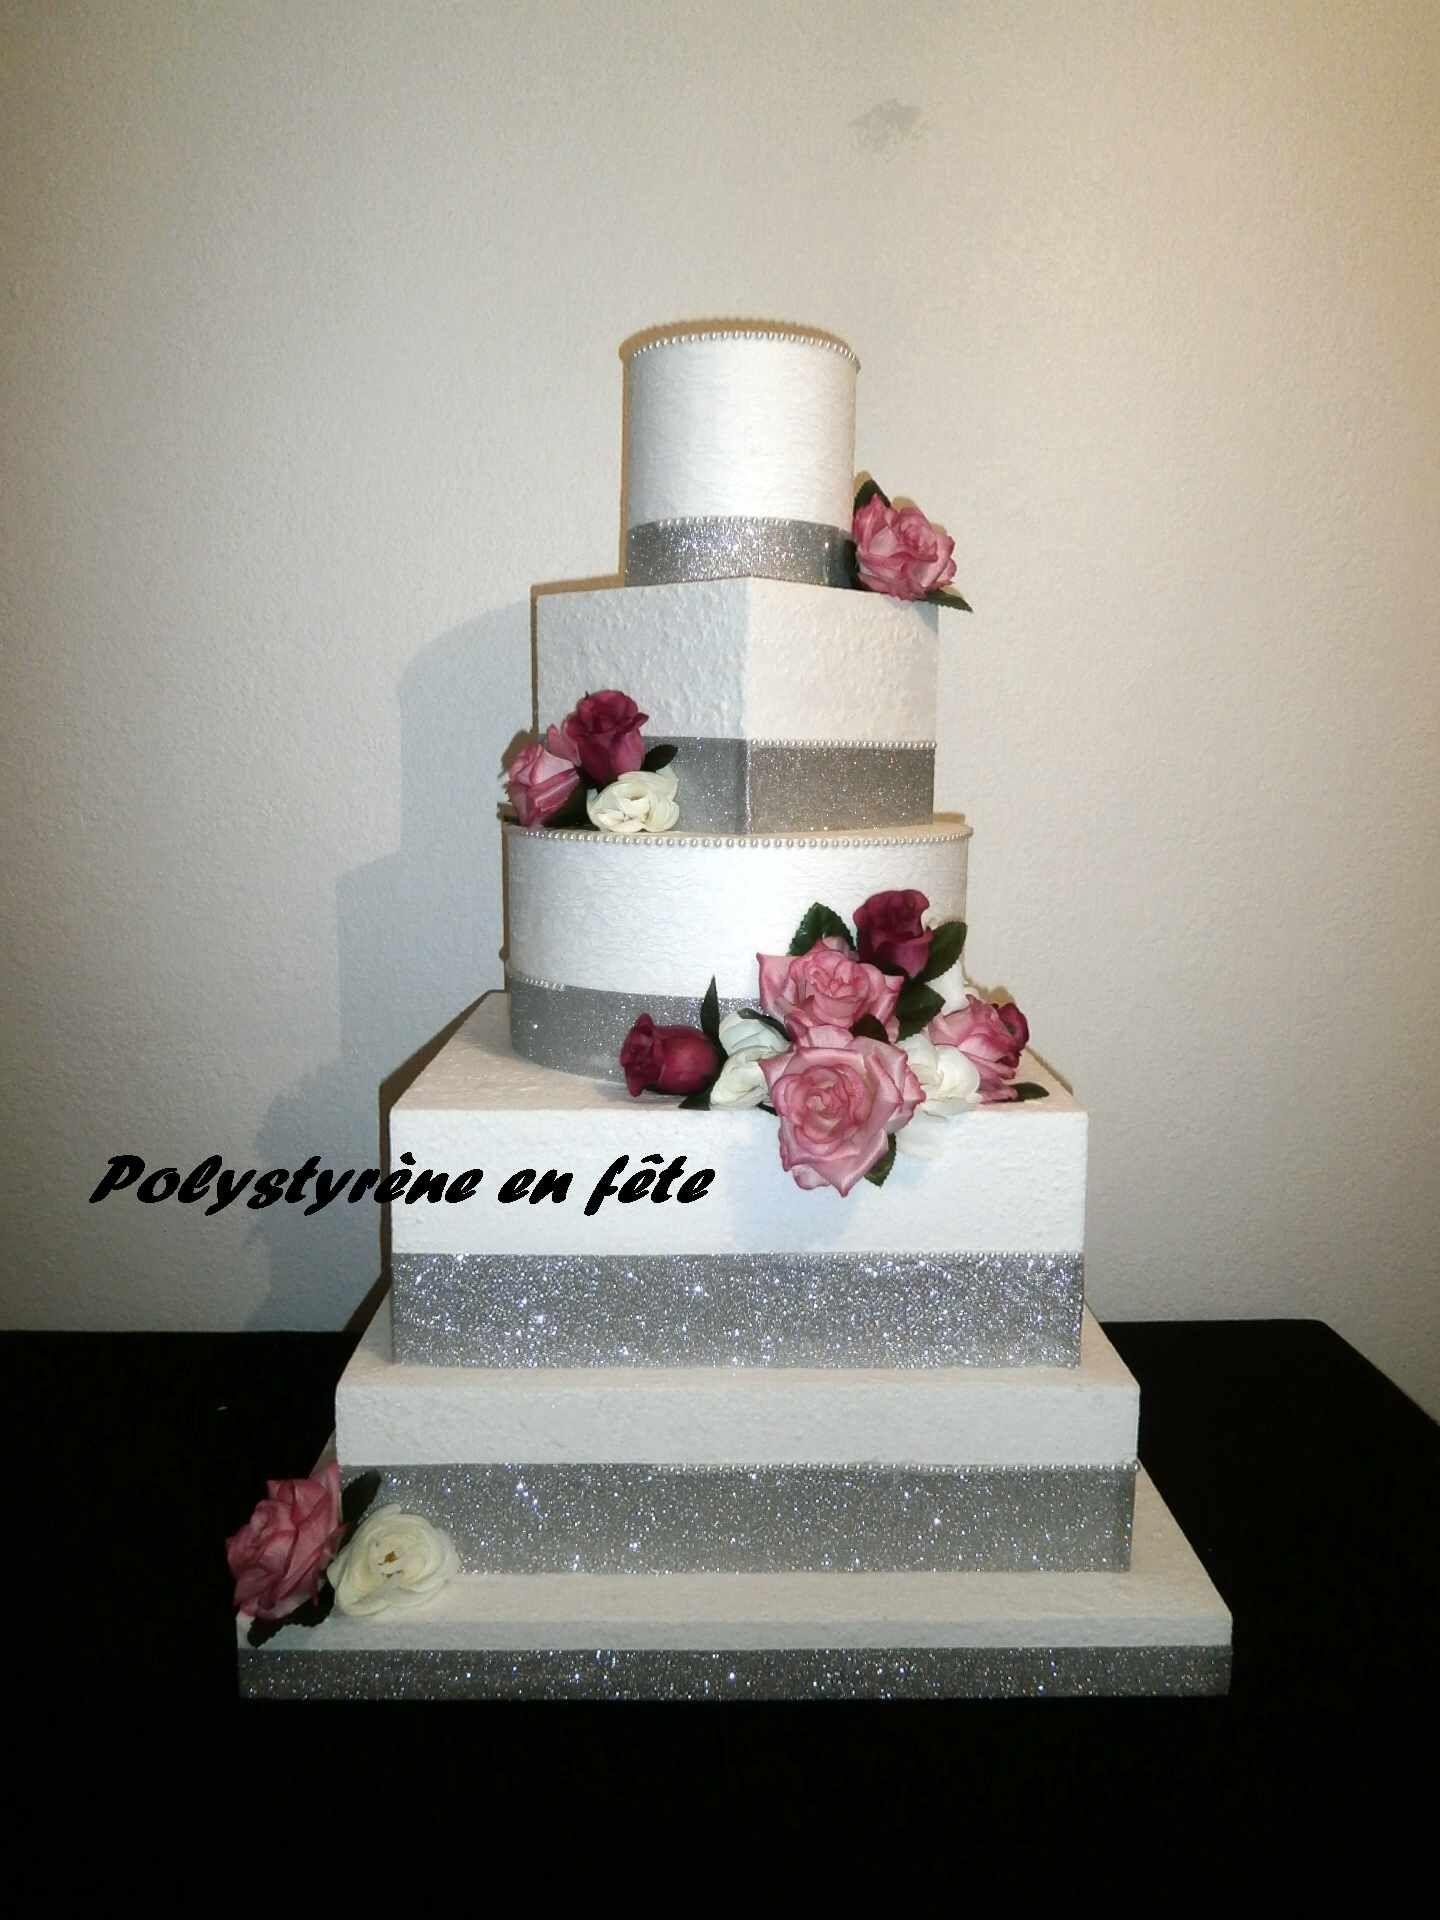 Petit Gâteau 2-mythologique//2-set Ø 20//15x5 cm factice Vitres Mariage Cake Polystyrène